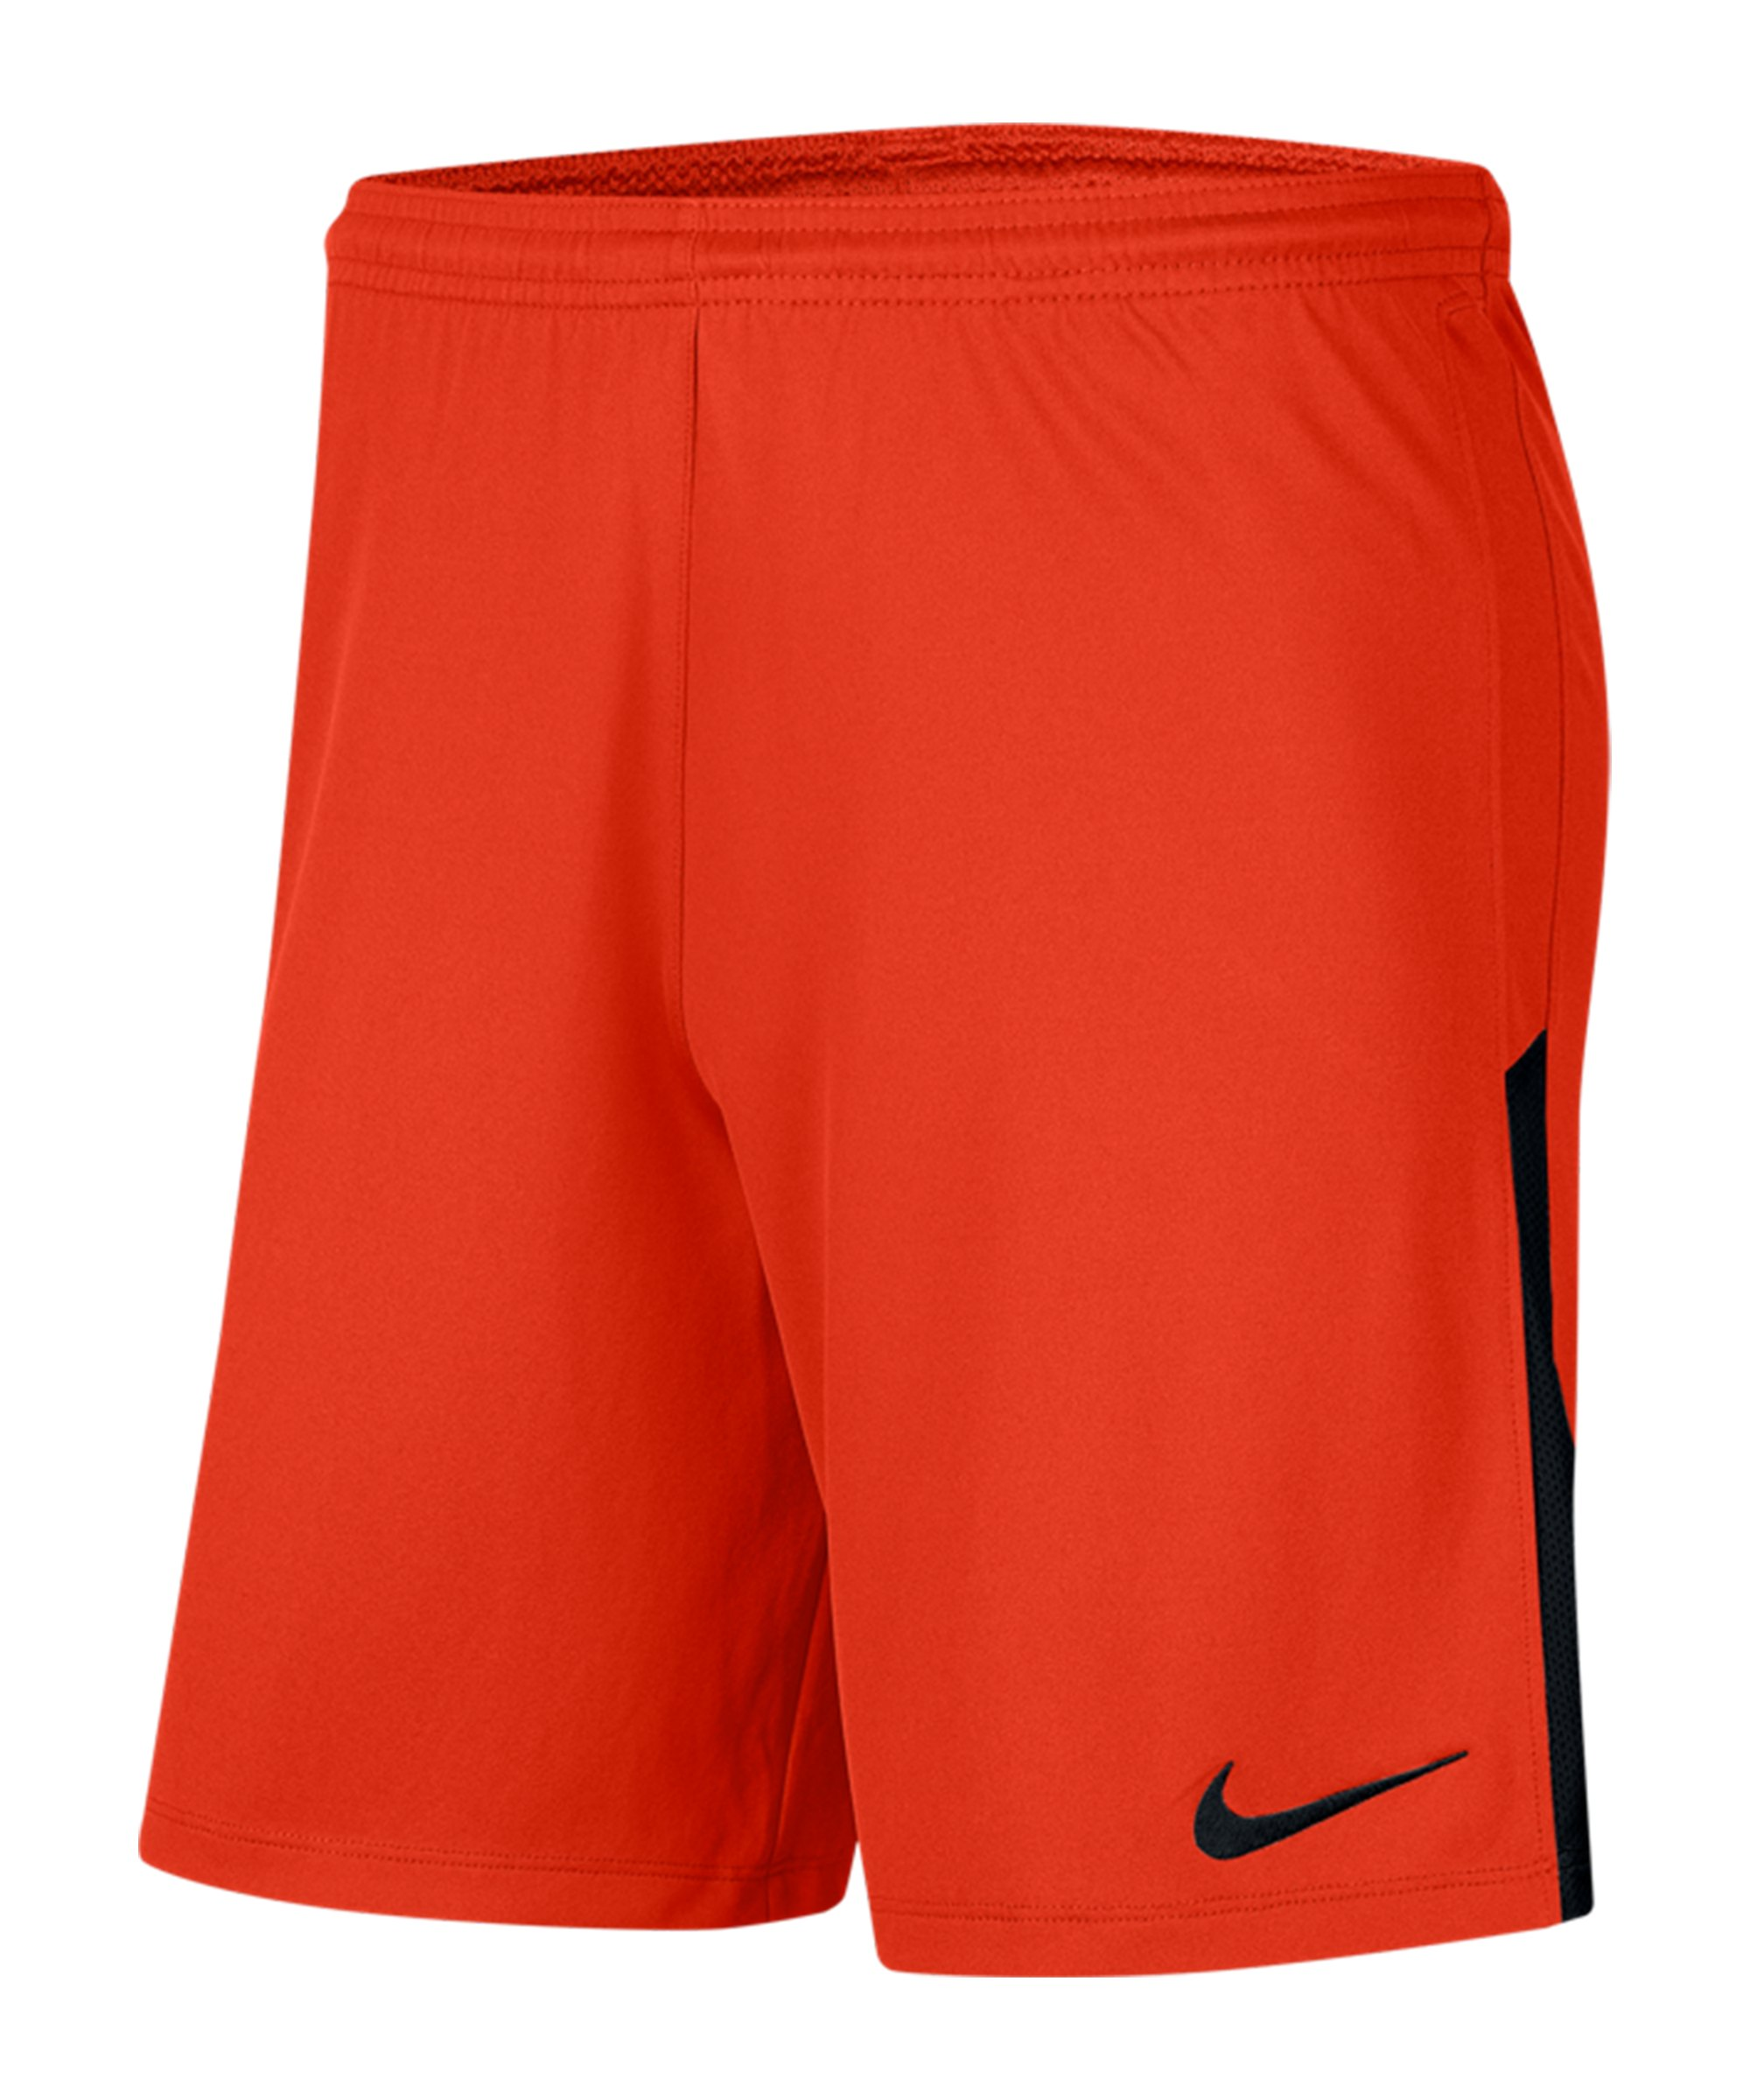 Nike League Knit II Short Kids Orange F891 - orange